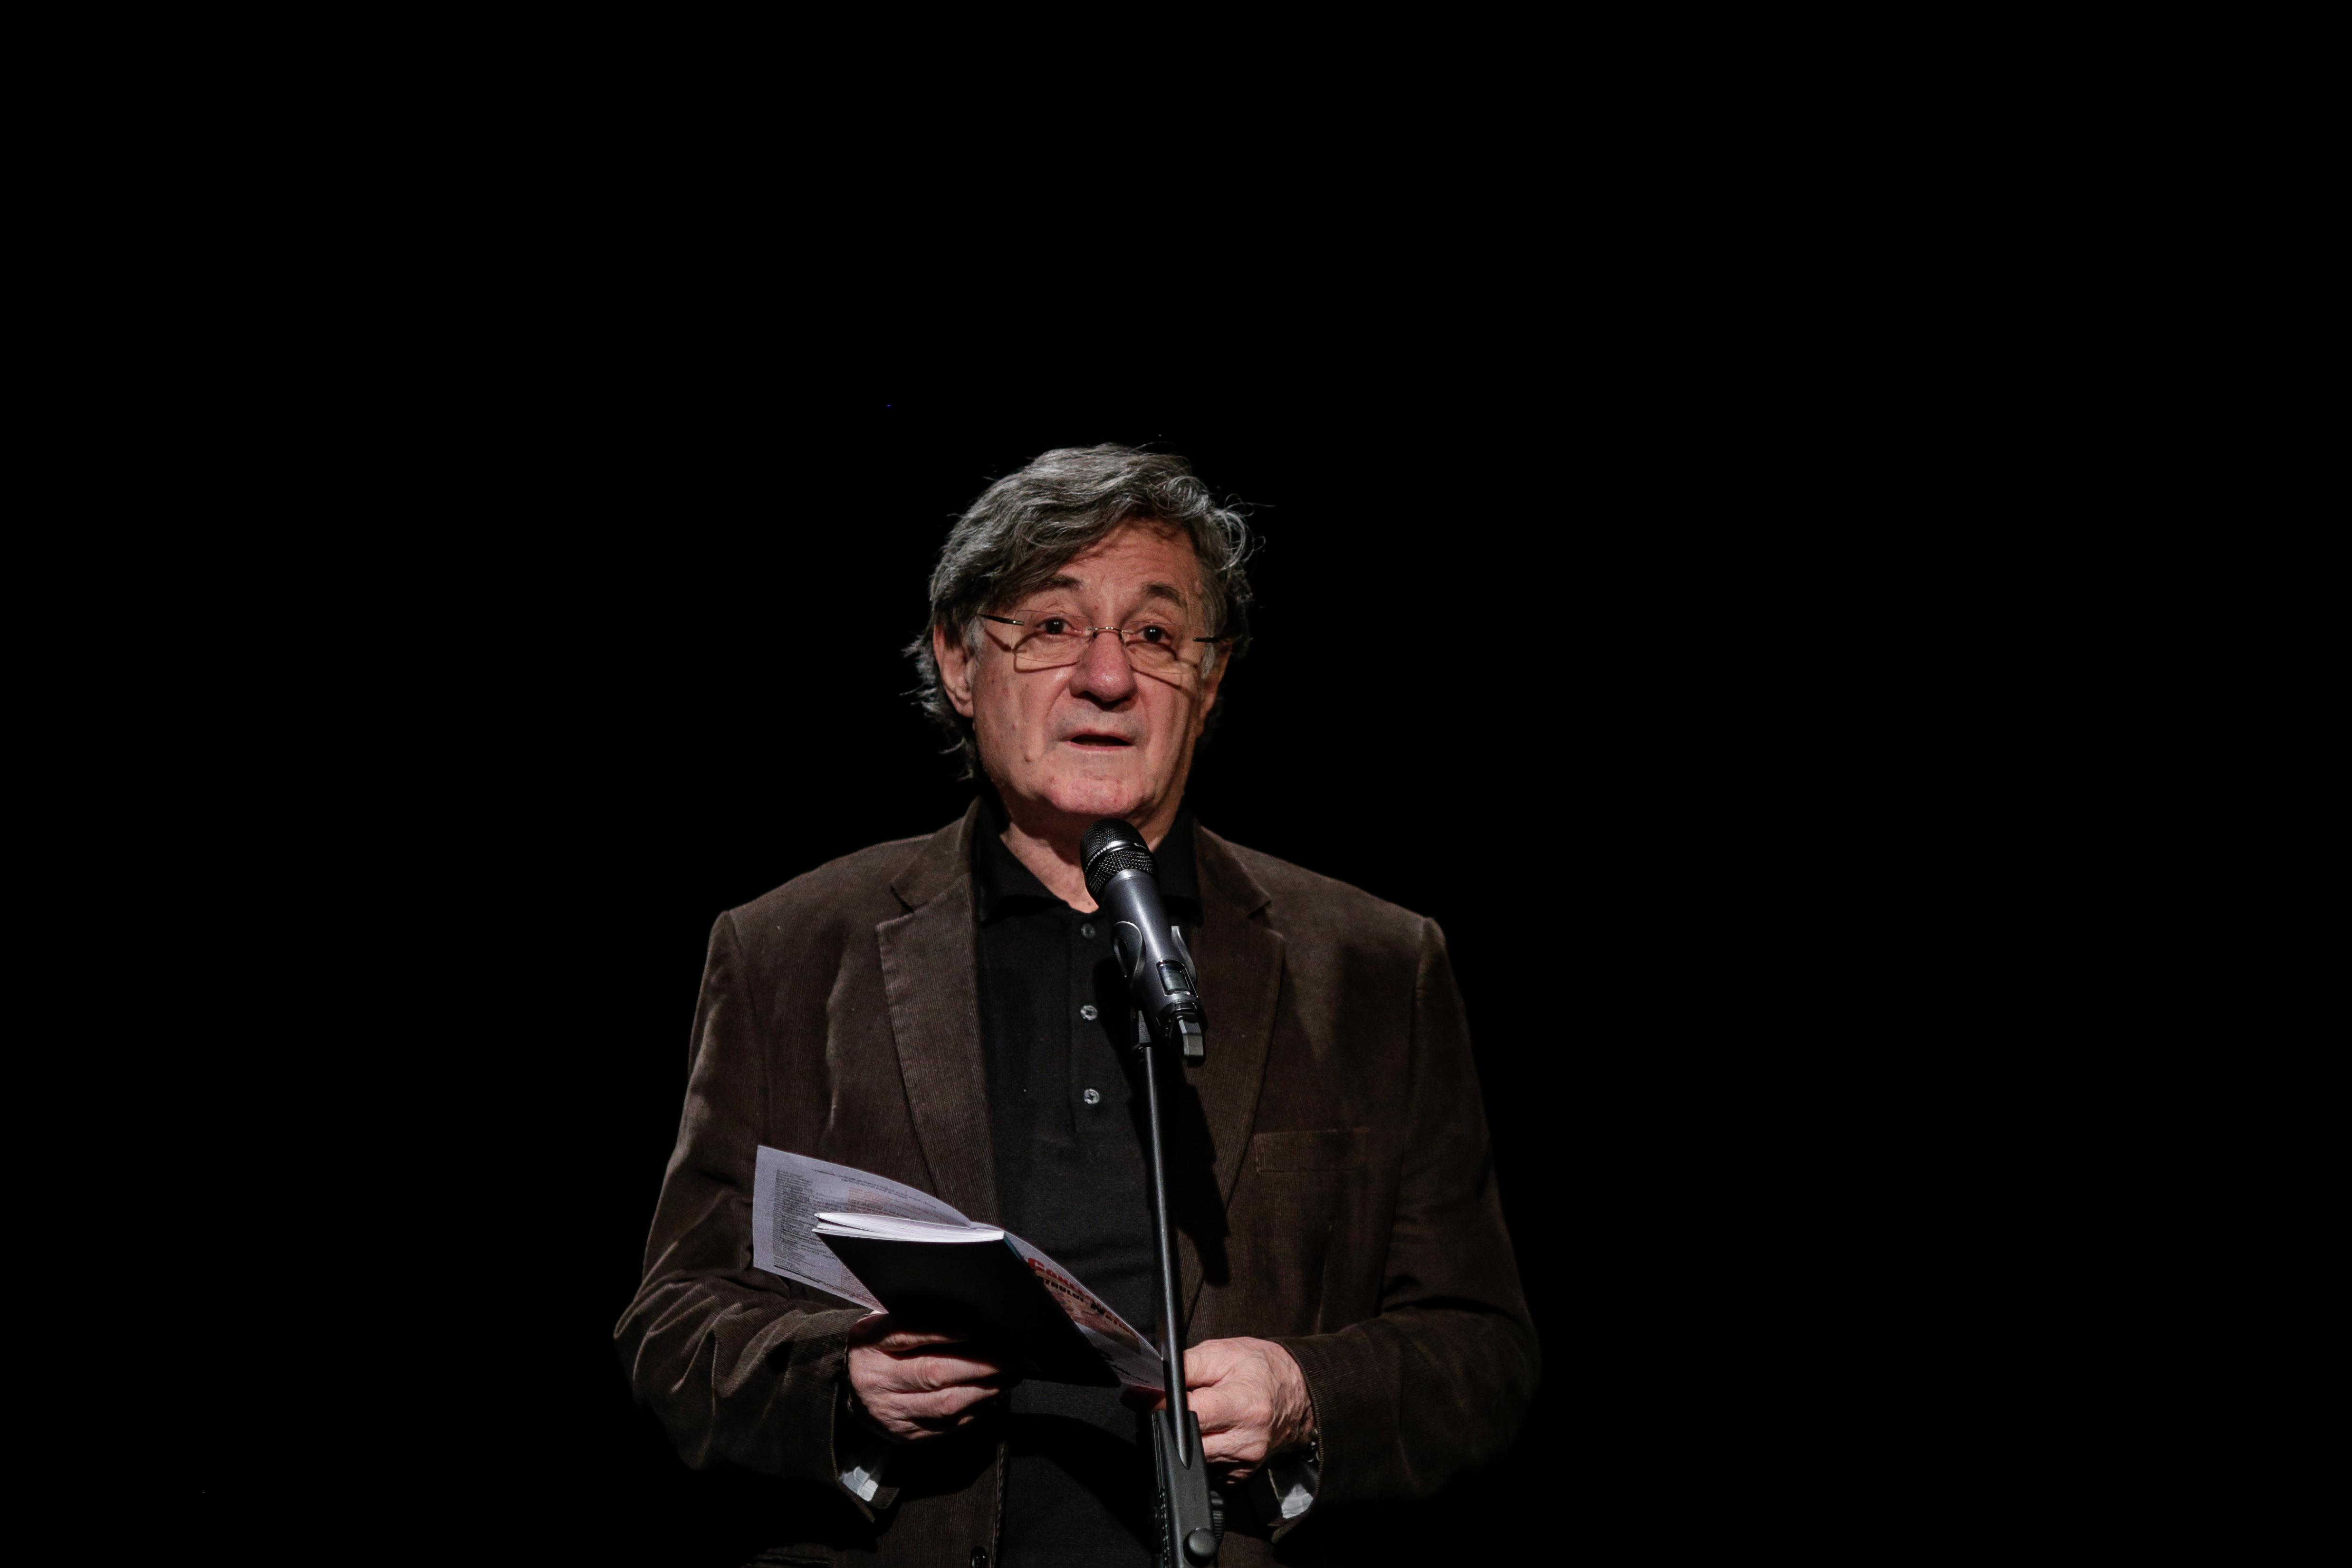 Cine a fost Ion Caramitru, unul dintre cei mai mari actori ai generaţiei sale